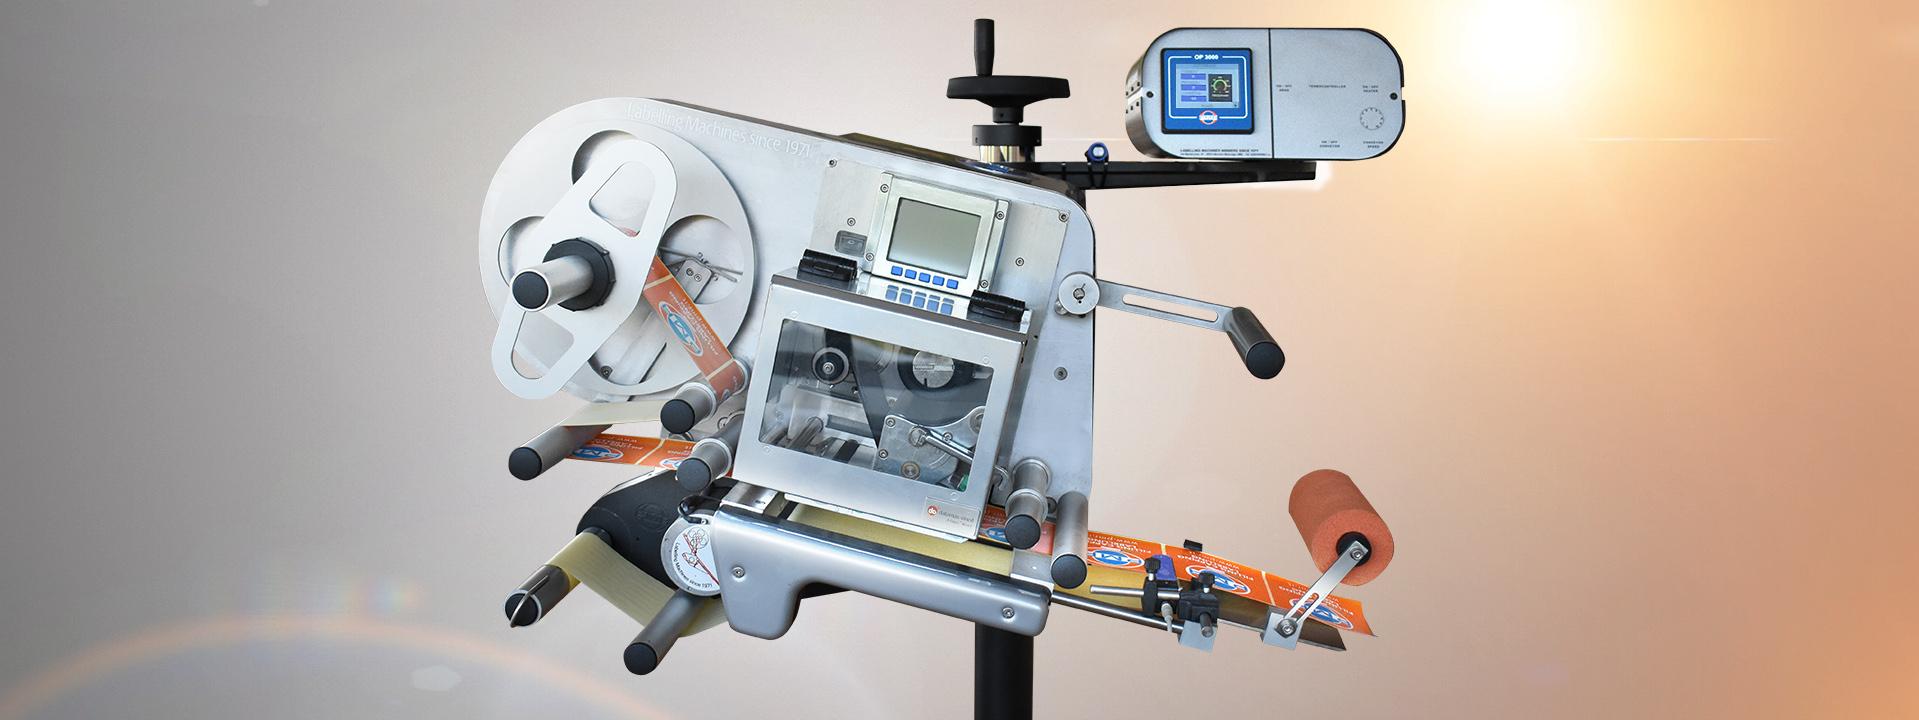 Машины для печати и нанесения этикеток для логистики от компании PMR